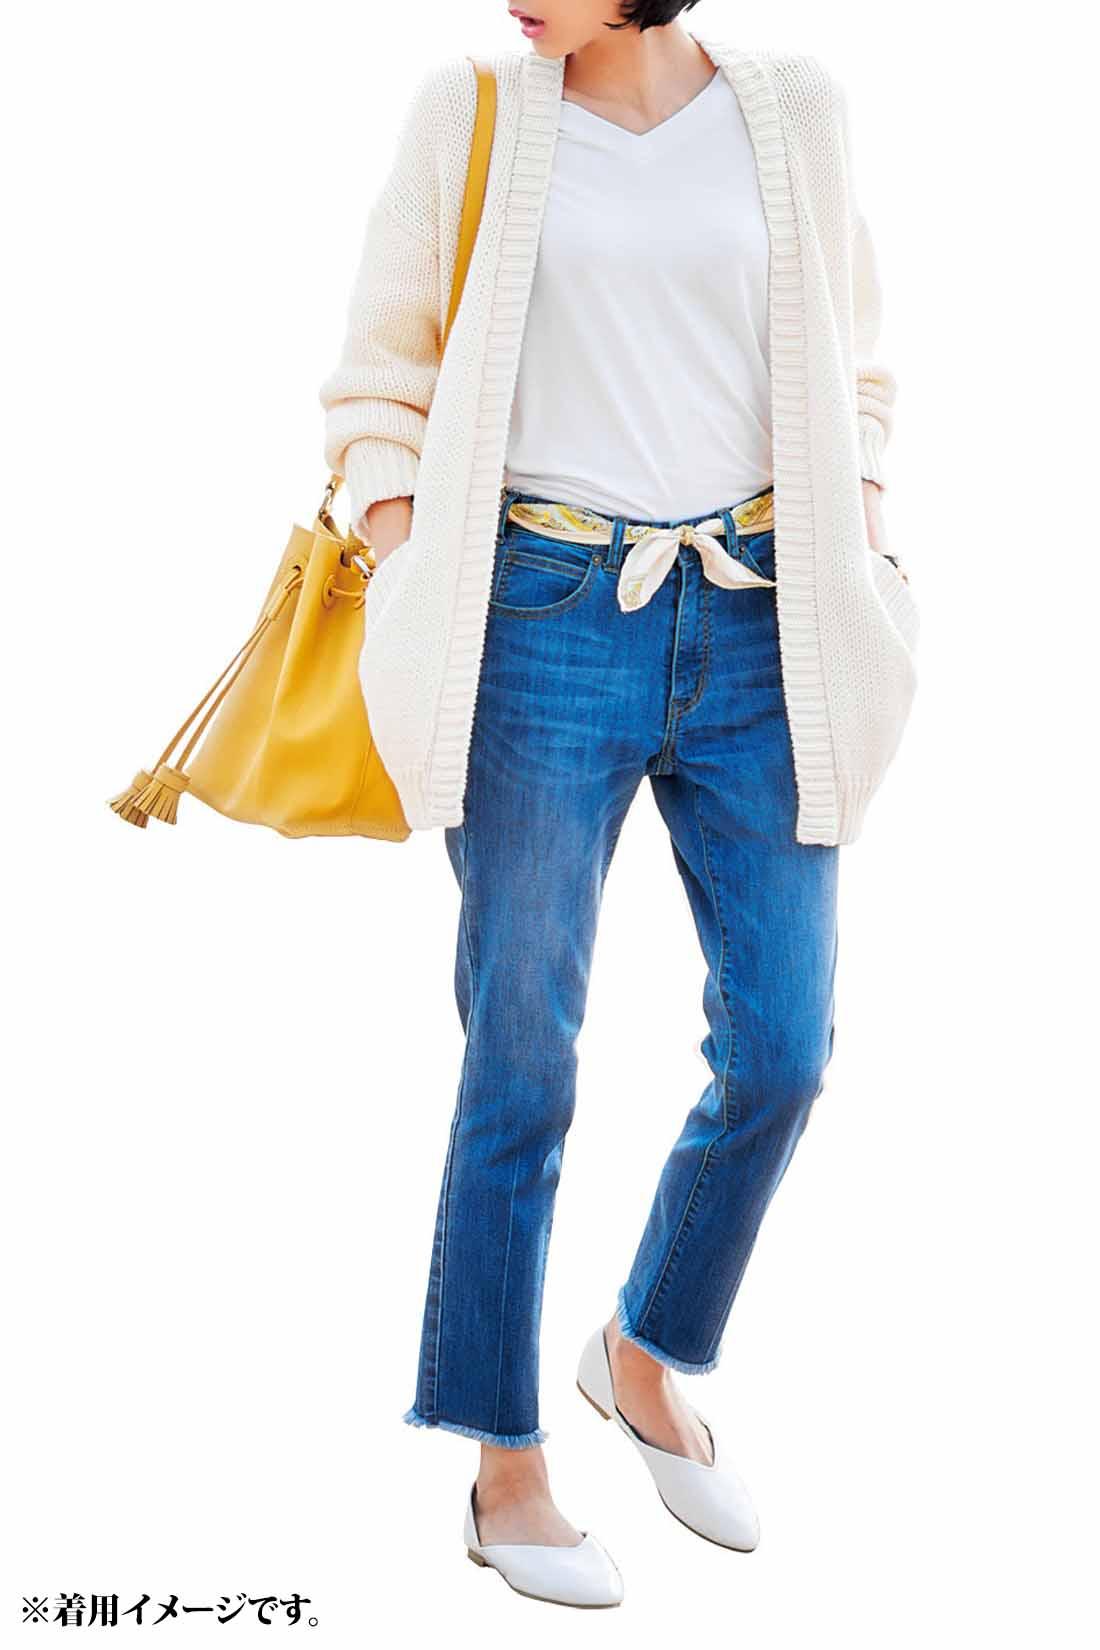 たっぷりシルエットのざっくり感が今っぽいニットカーデで春デニムをさわやかにコーディネイト。ベルトの代わりにスカーフでウエストマークすることで、よりやわらかな印象に。足もとも白のぺたんこシューズで軽く仕上げて。